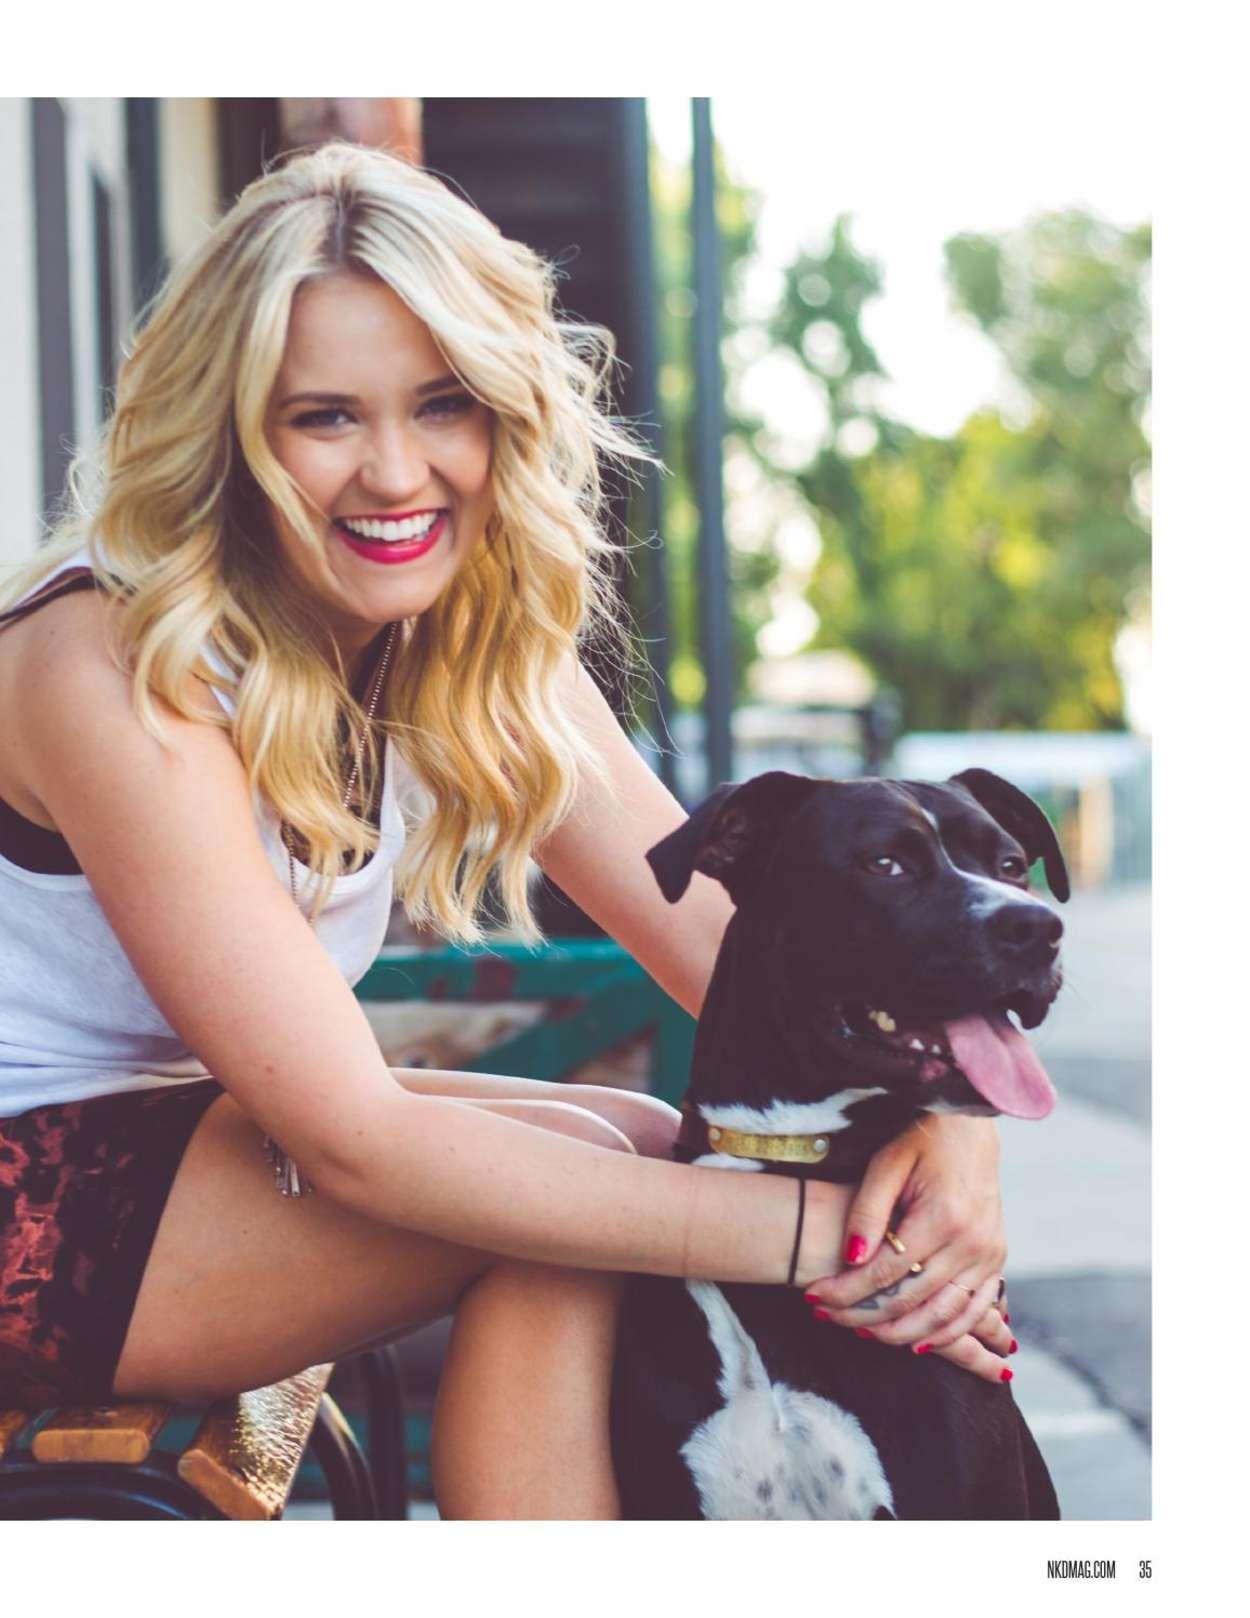 Emily Osment Bikini Pic 39